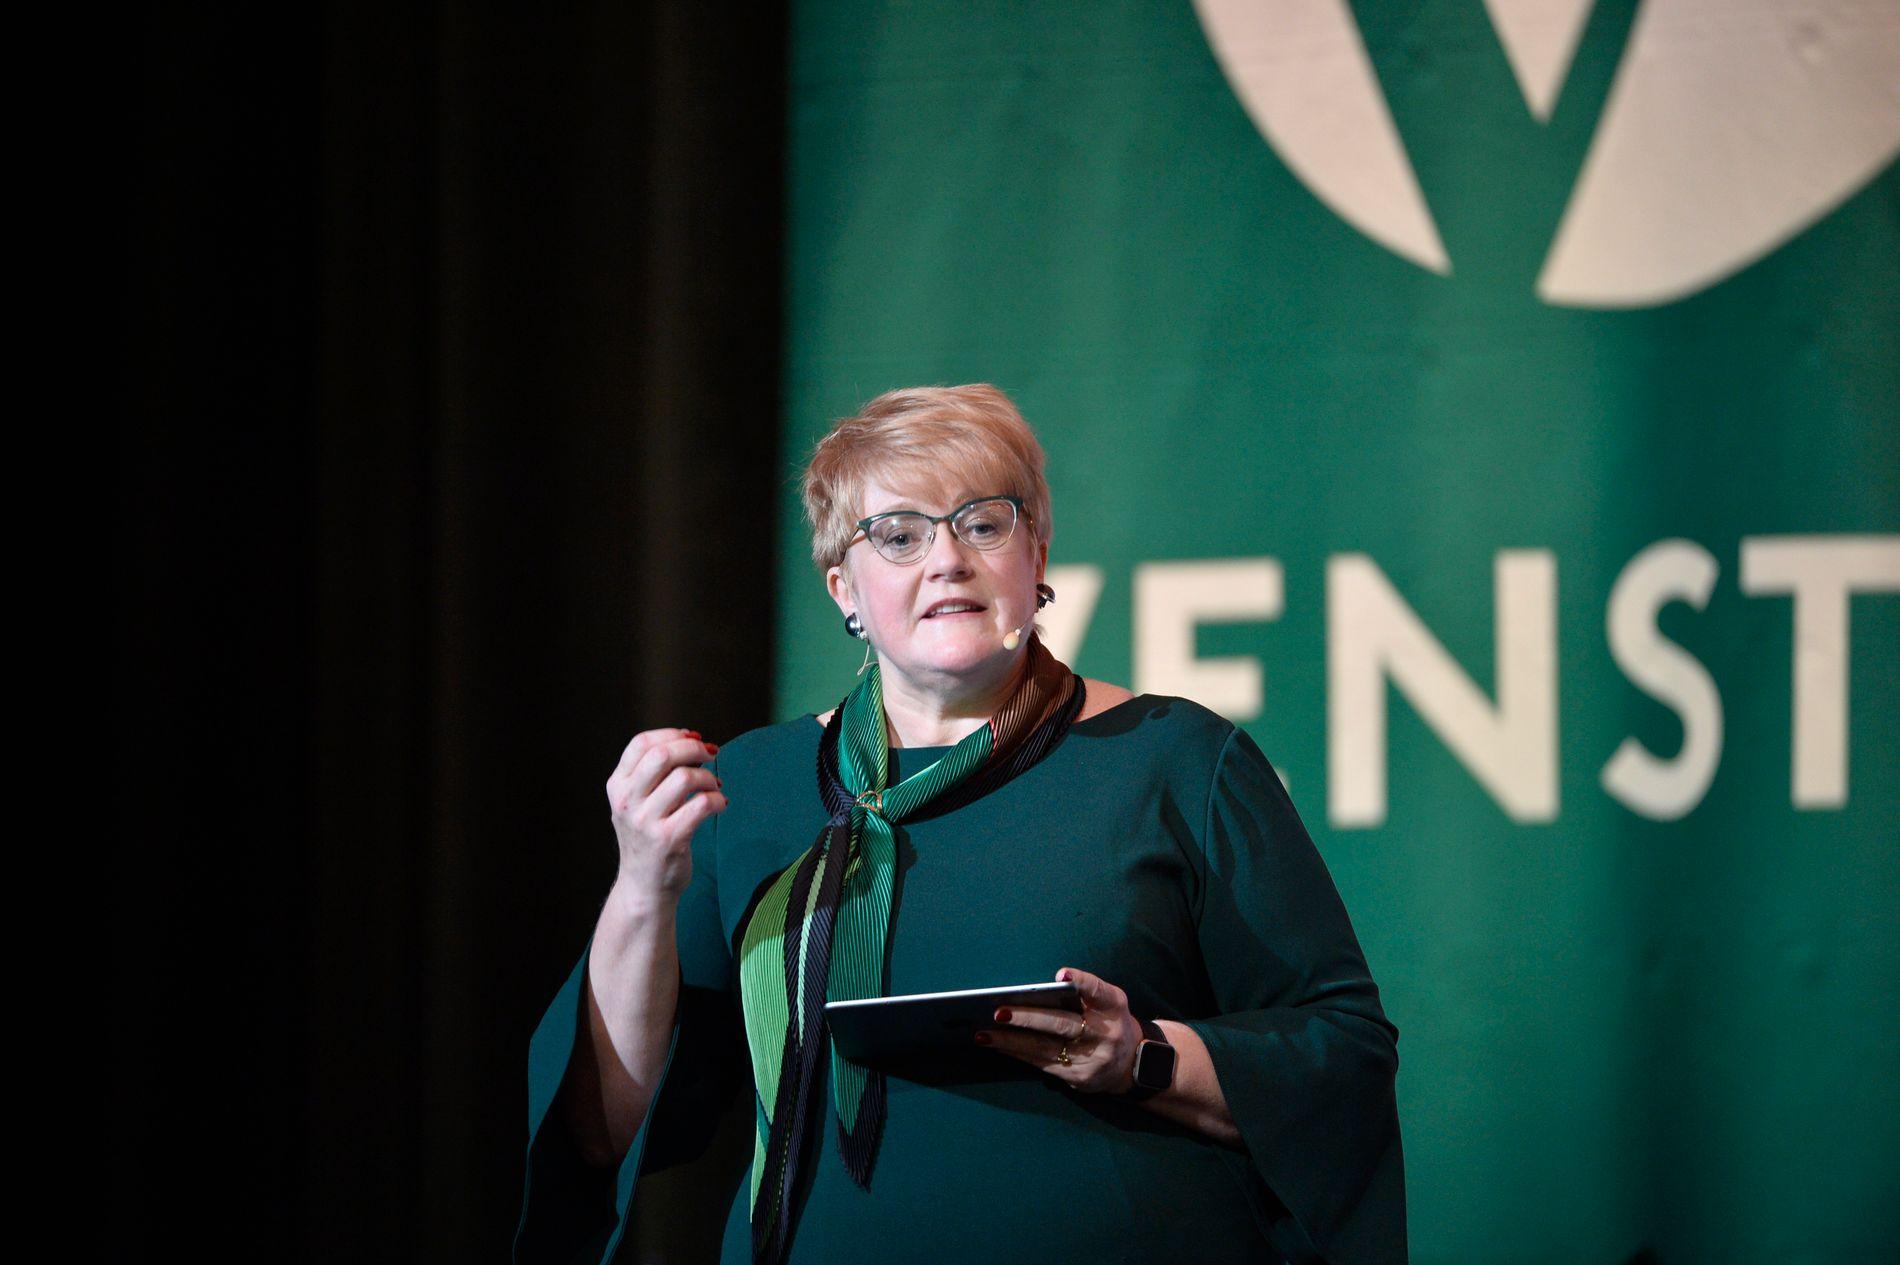 OMSORG FOR SMÅAVISENE: Kulturminister Trine Skei Grande (V) ønsker å omfordele pressestøtte fra større til mindre lokalaviser, for å dekke de «hvite flekkene på kartet», som hun sier.